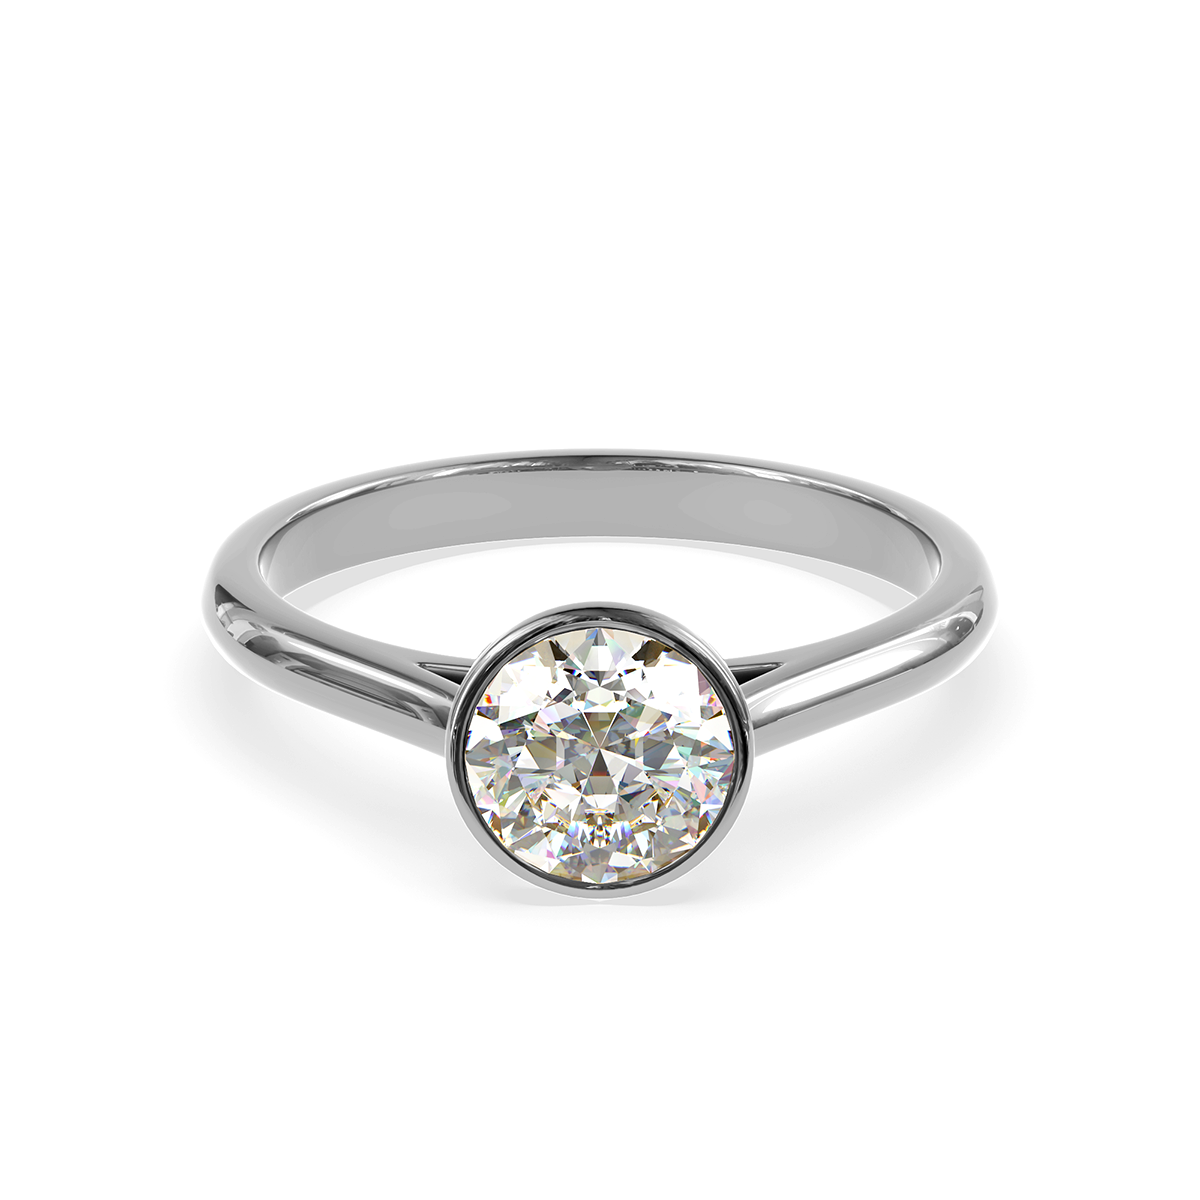 Златен годежен пръстен Lumina от бяло злато с диамант.